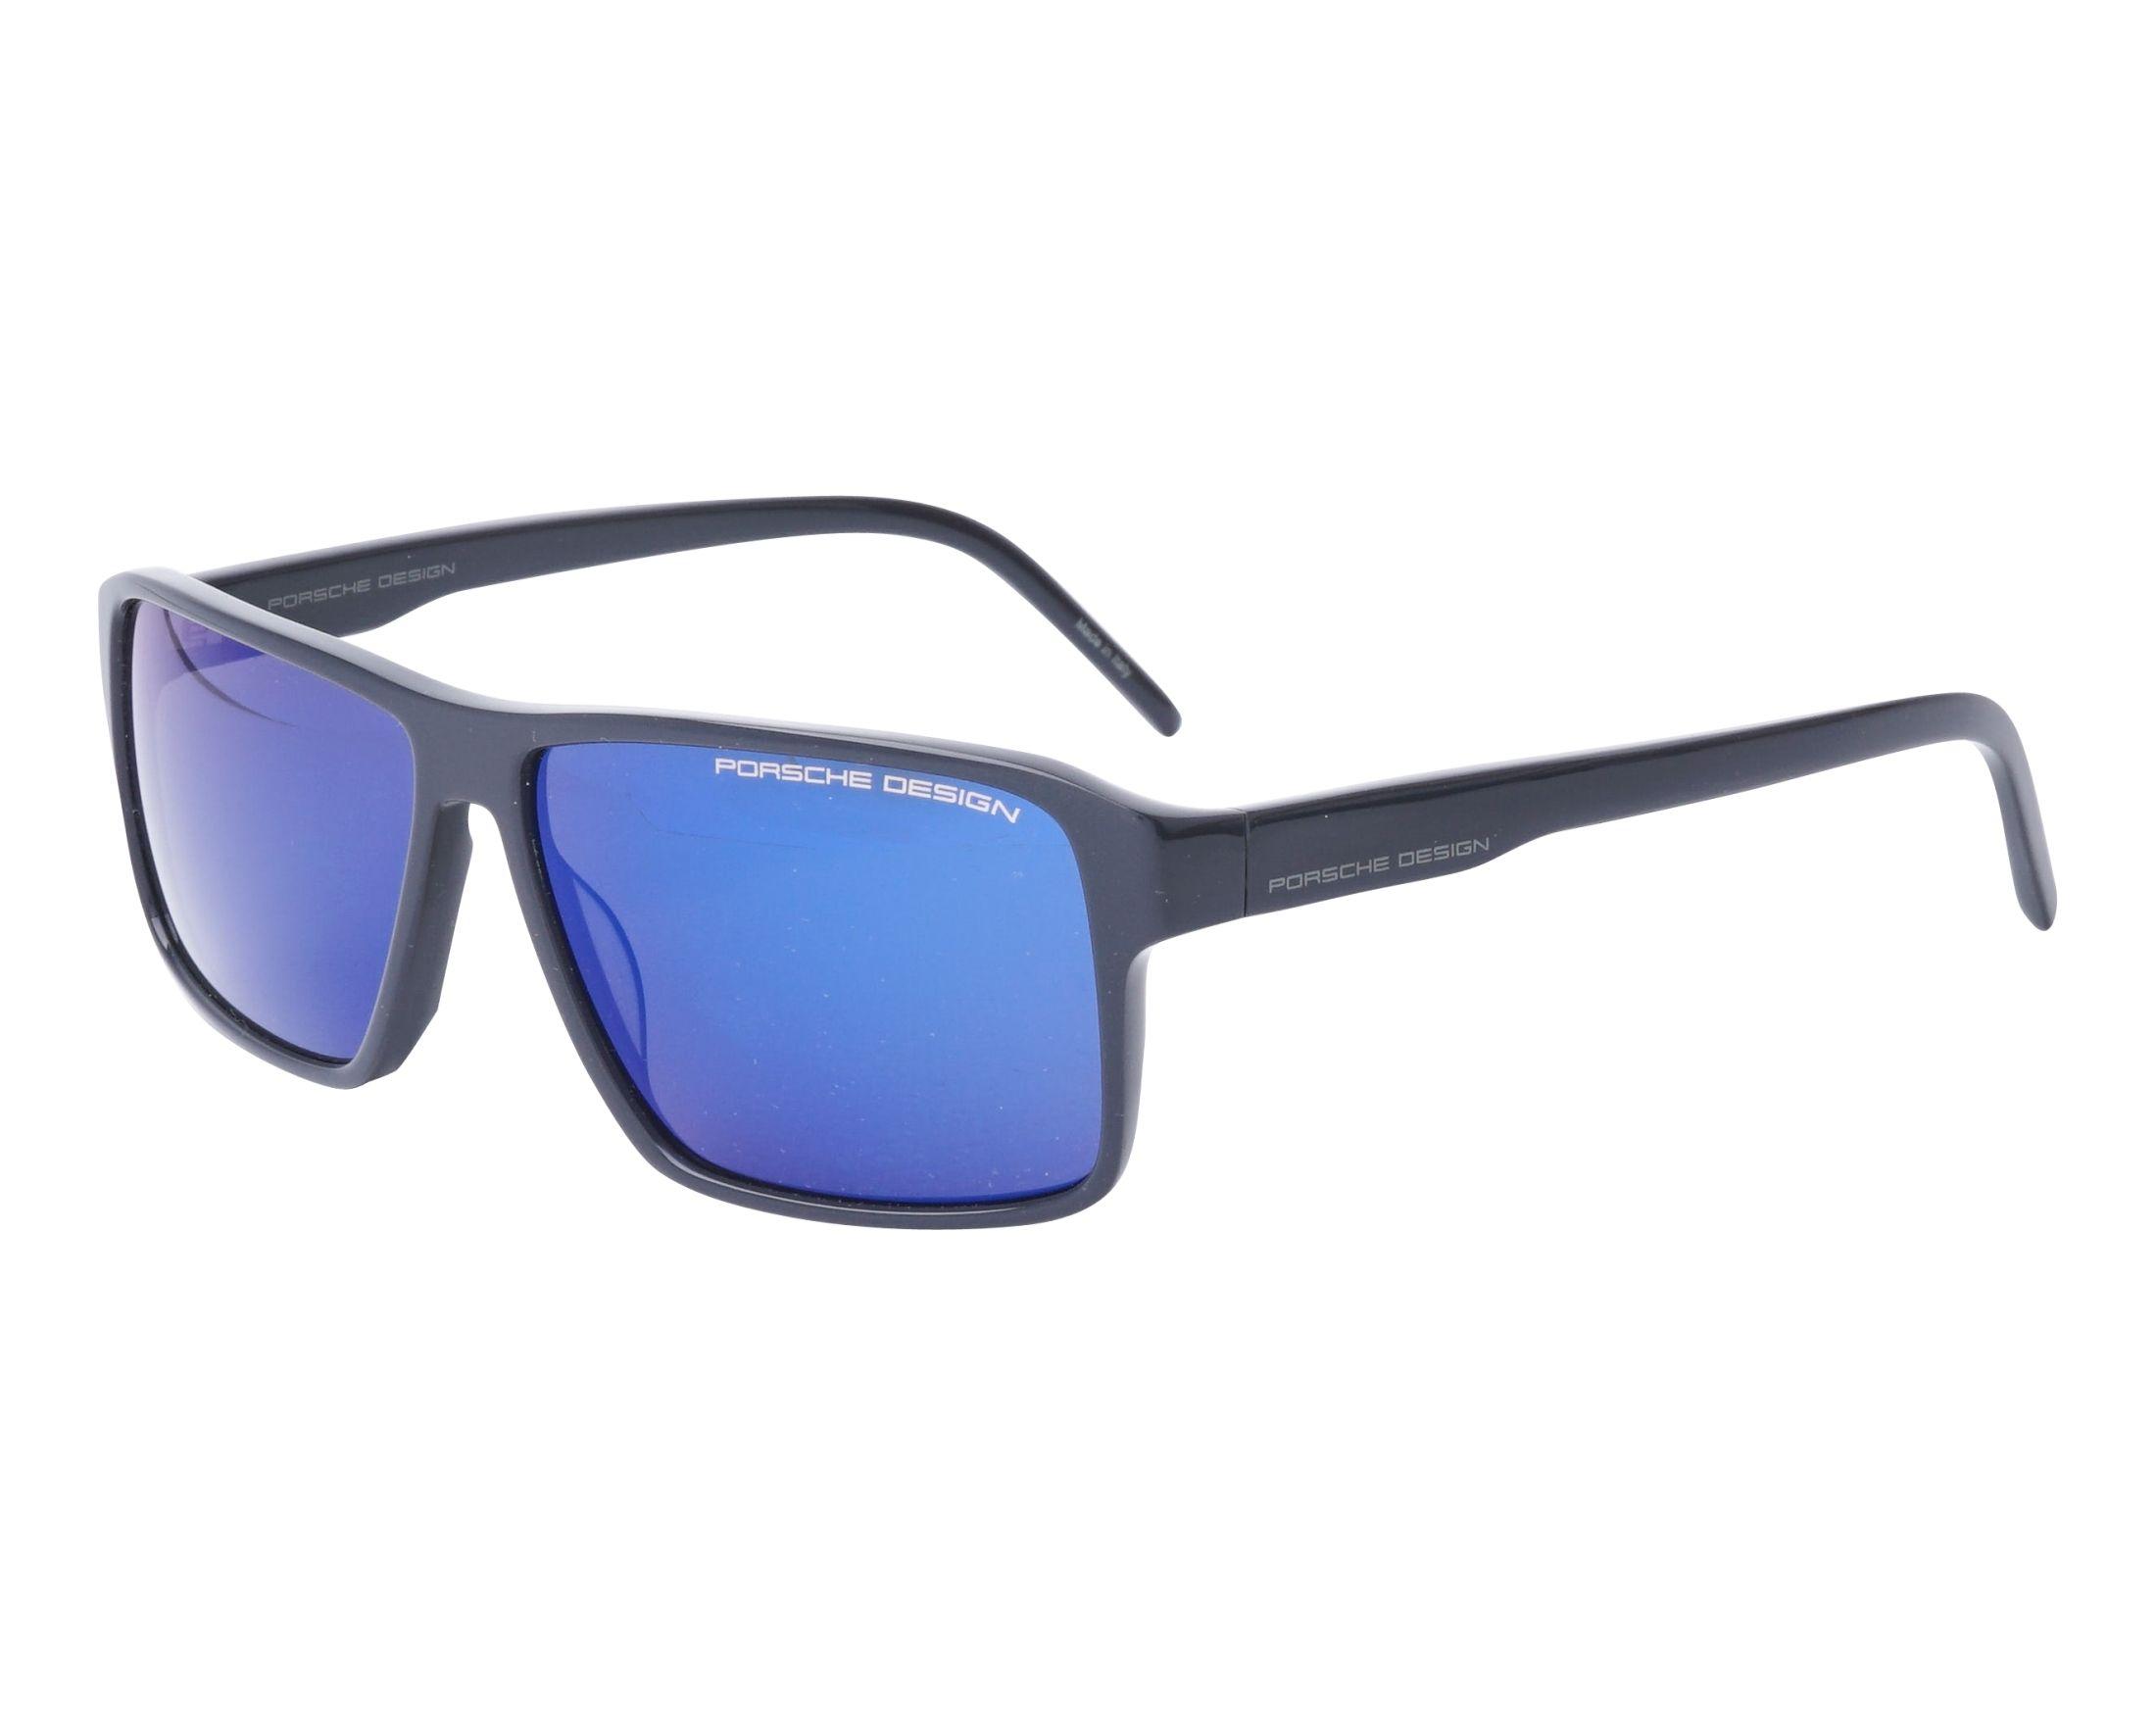 Porsche Design P8634-B Sonnenbrille in blue transparent 57/12 ksqjf70C0